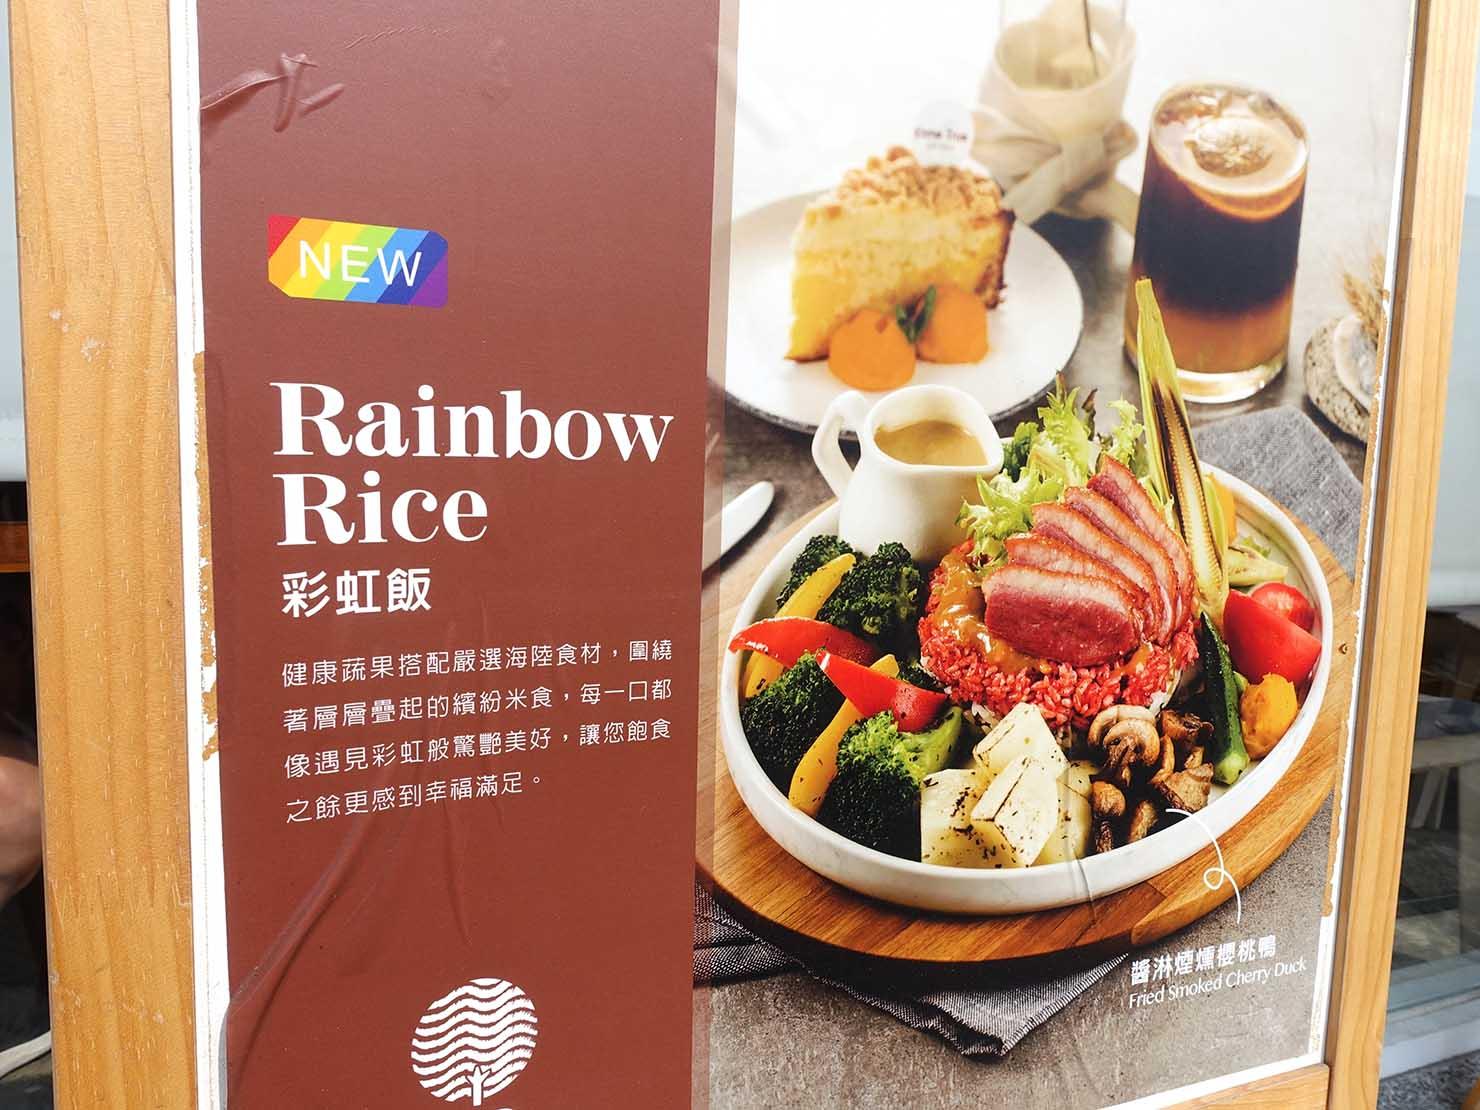 台南彩虹遊行(台南レインボーパレード)2019に合わせて特別メニューを打ち出すカフェ